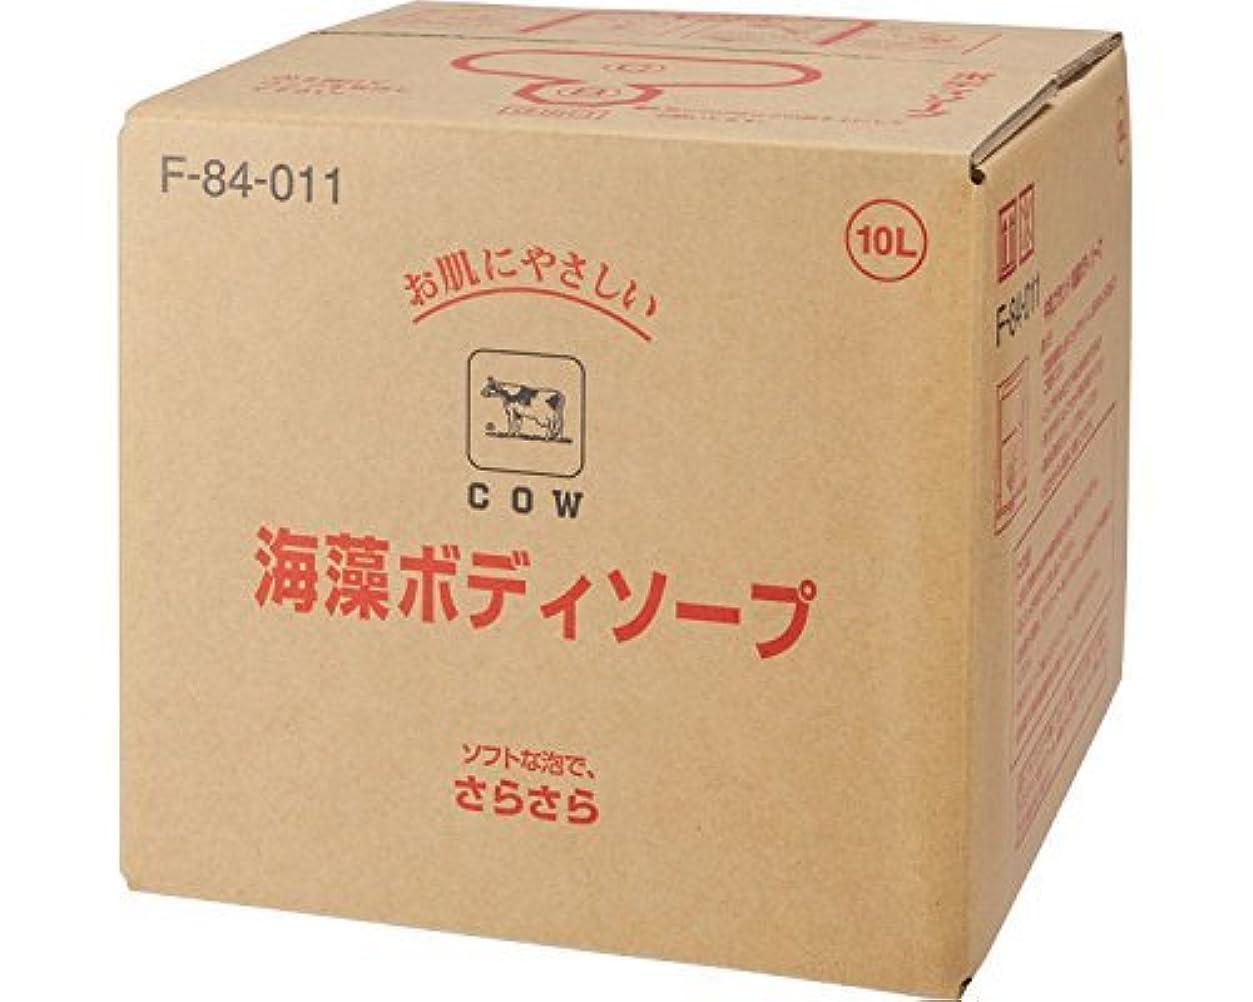 強度抽象化に負ける牛乳ブランド 海藻ボディソープ /  10L F-84-011 【牛乳石鹸】 【清拭小物】